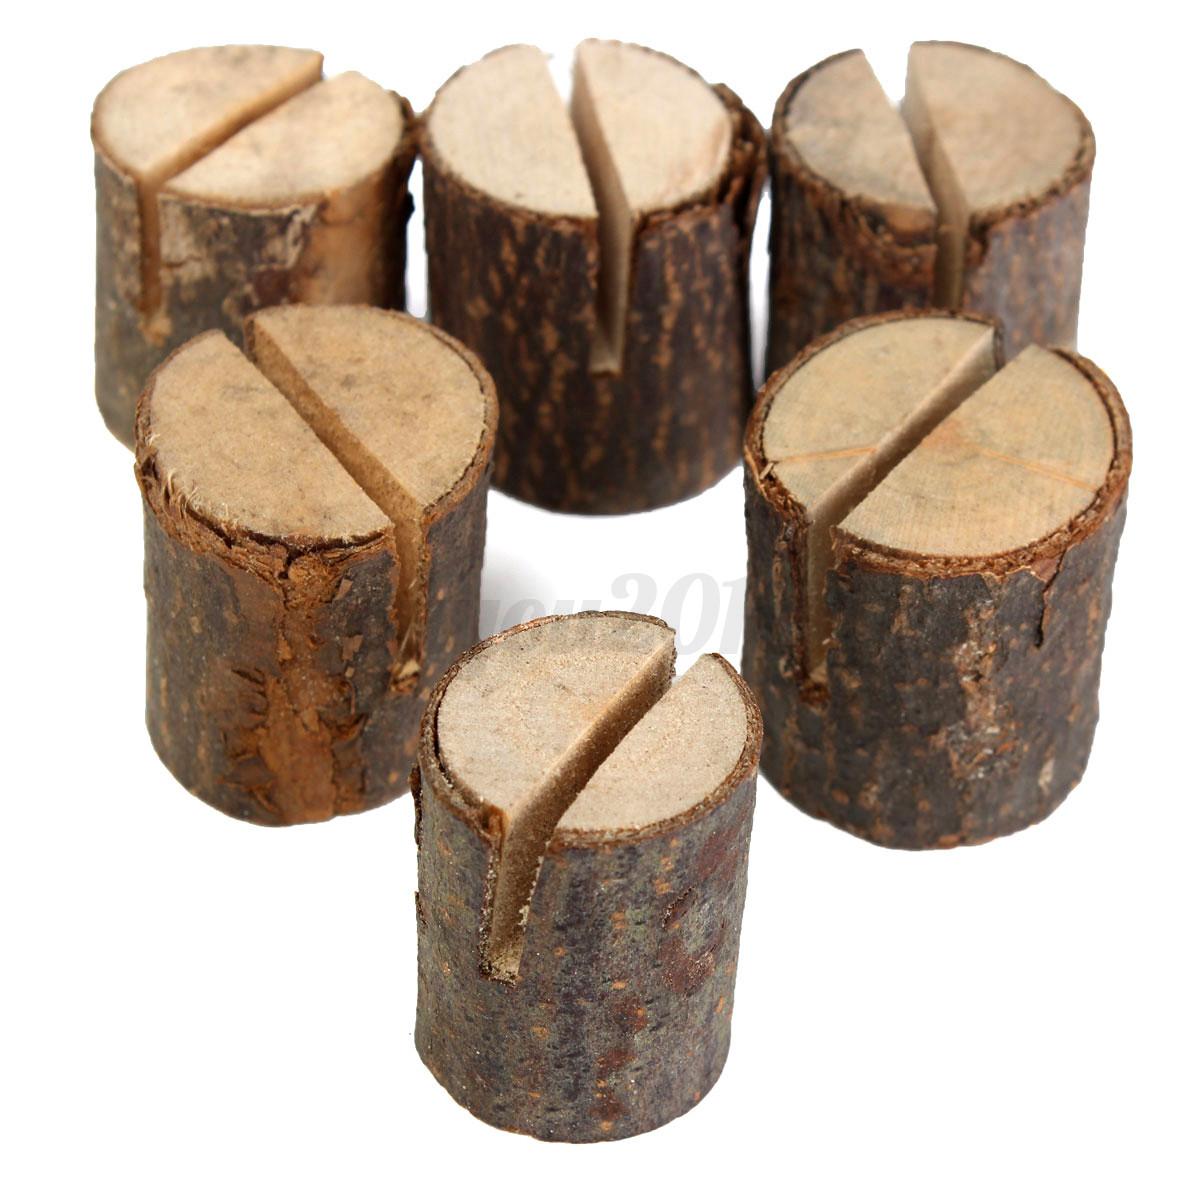 10x holz karten halter tischkartenhalter deko tisch karten for Holz dekoration hochzeit